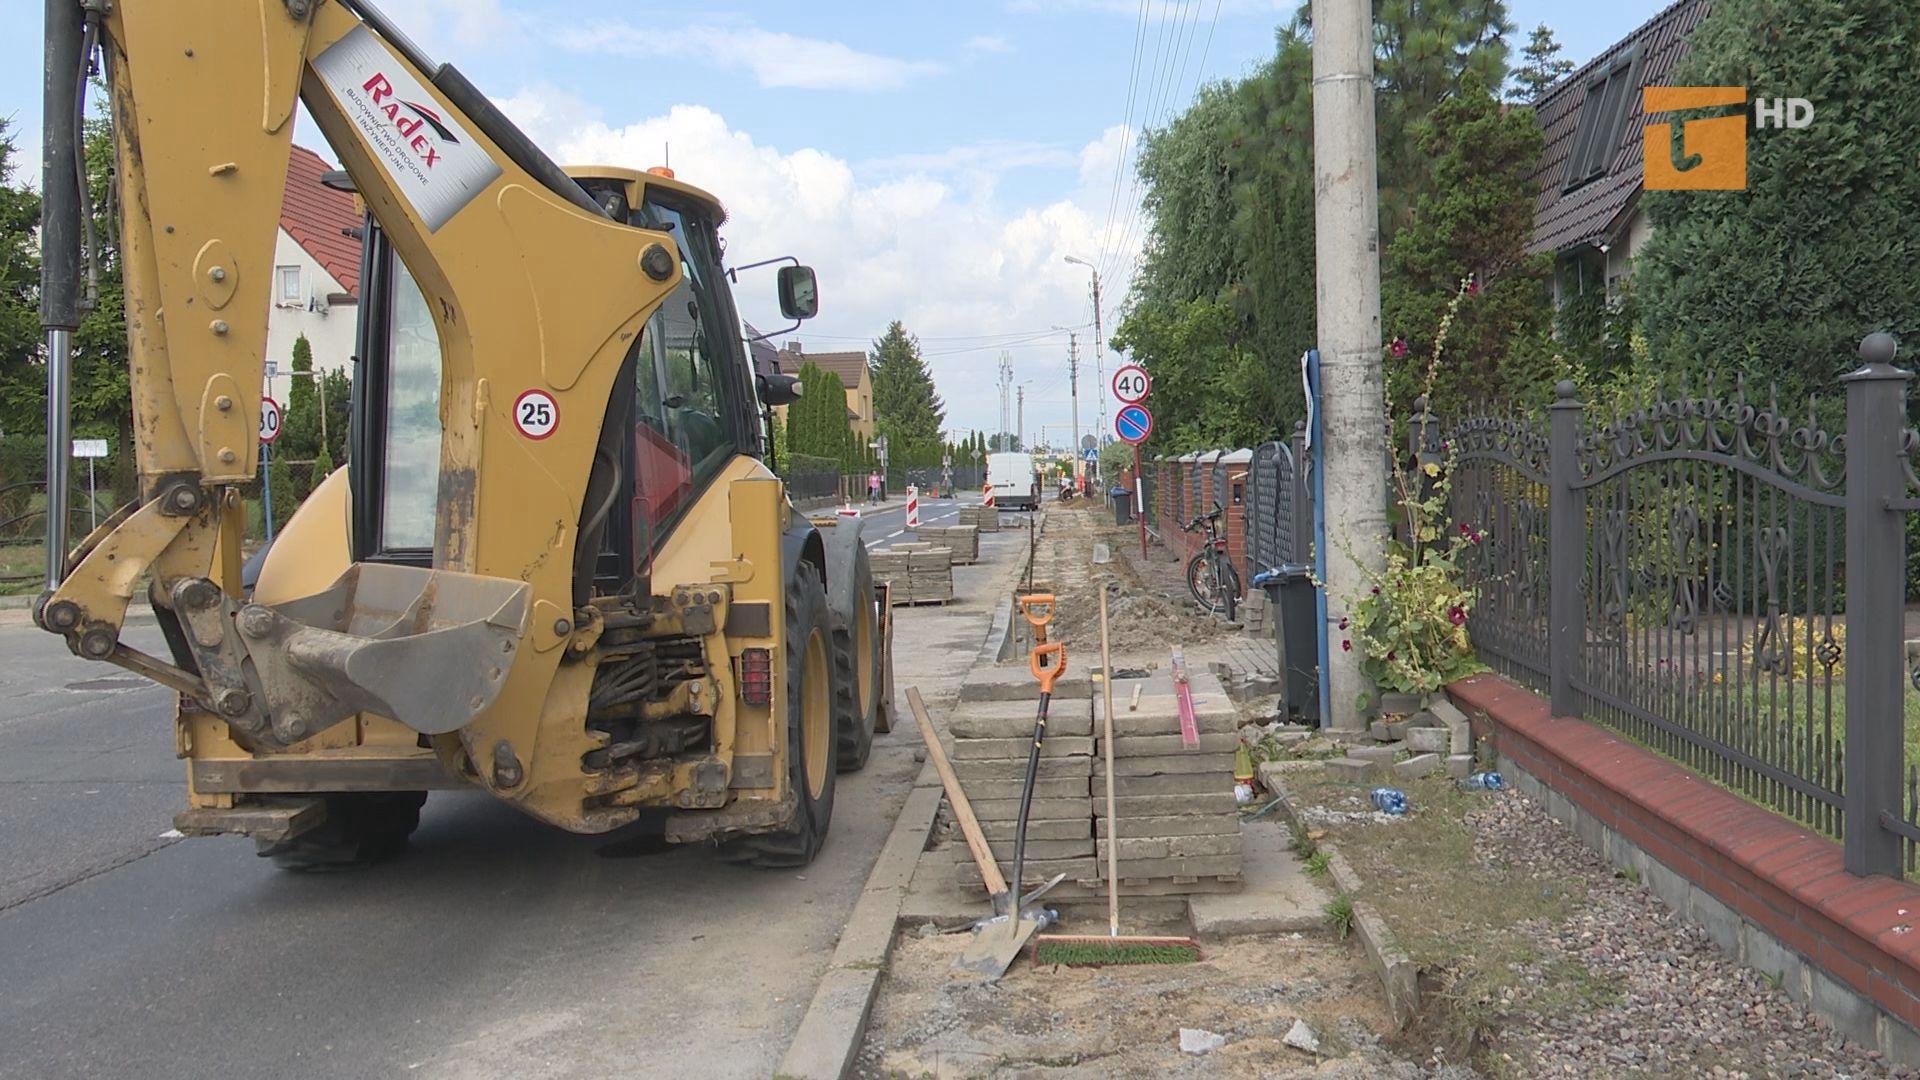 Piesi korzystający z ulicy Żwirki doczekają się nowego chodnika